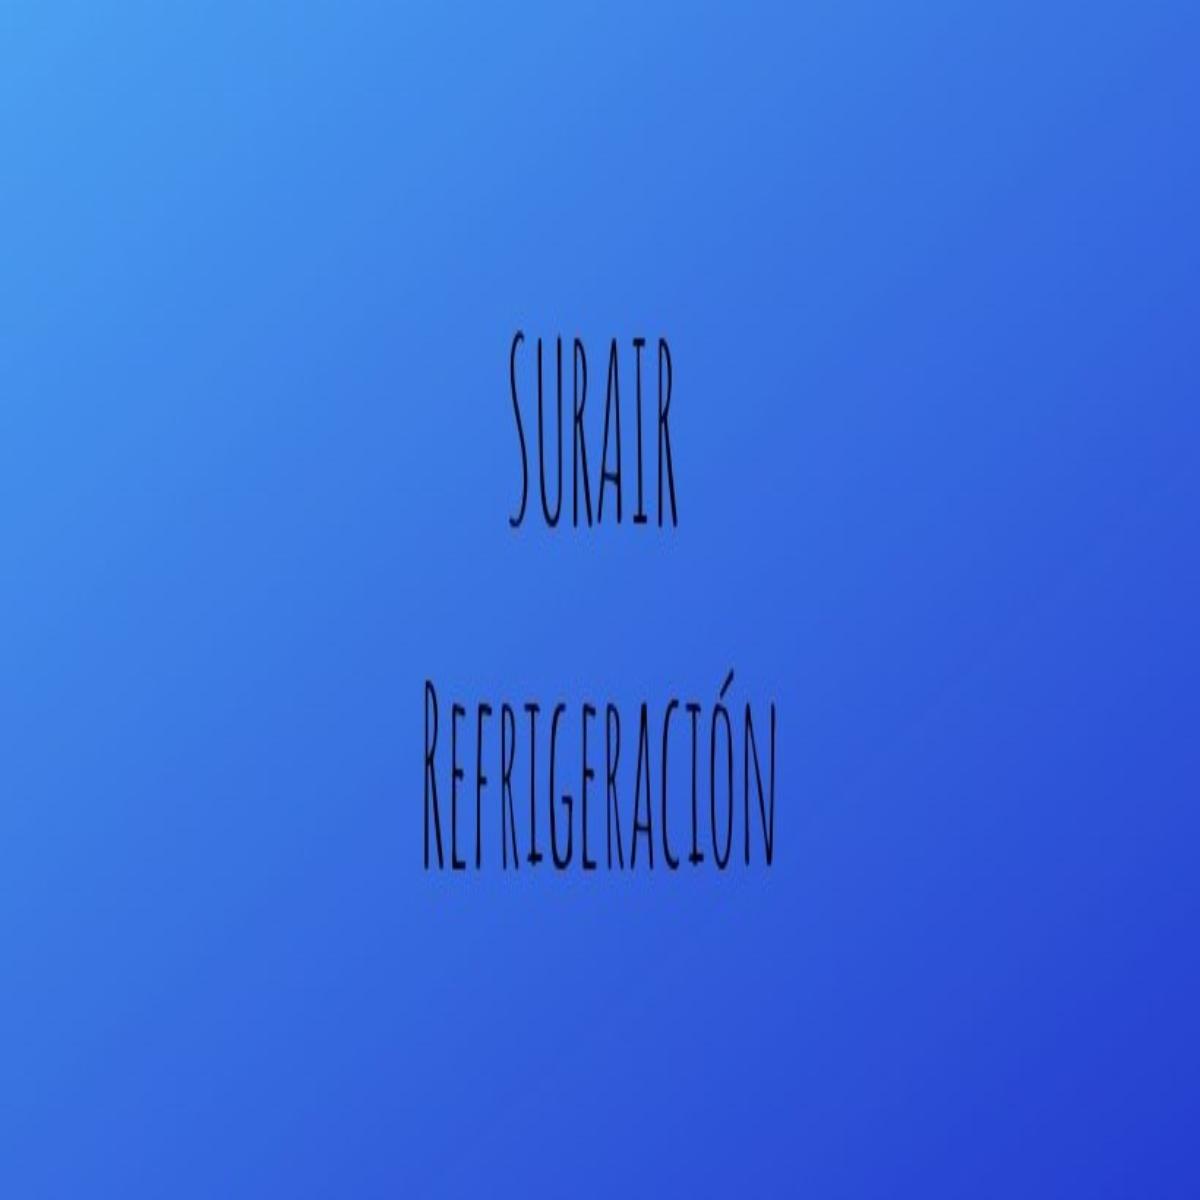 SURAIR REFRIGERACION